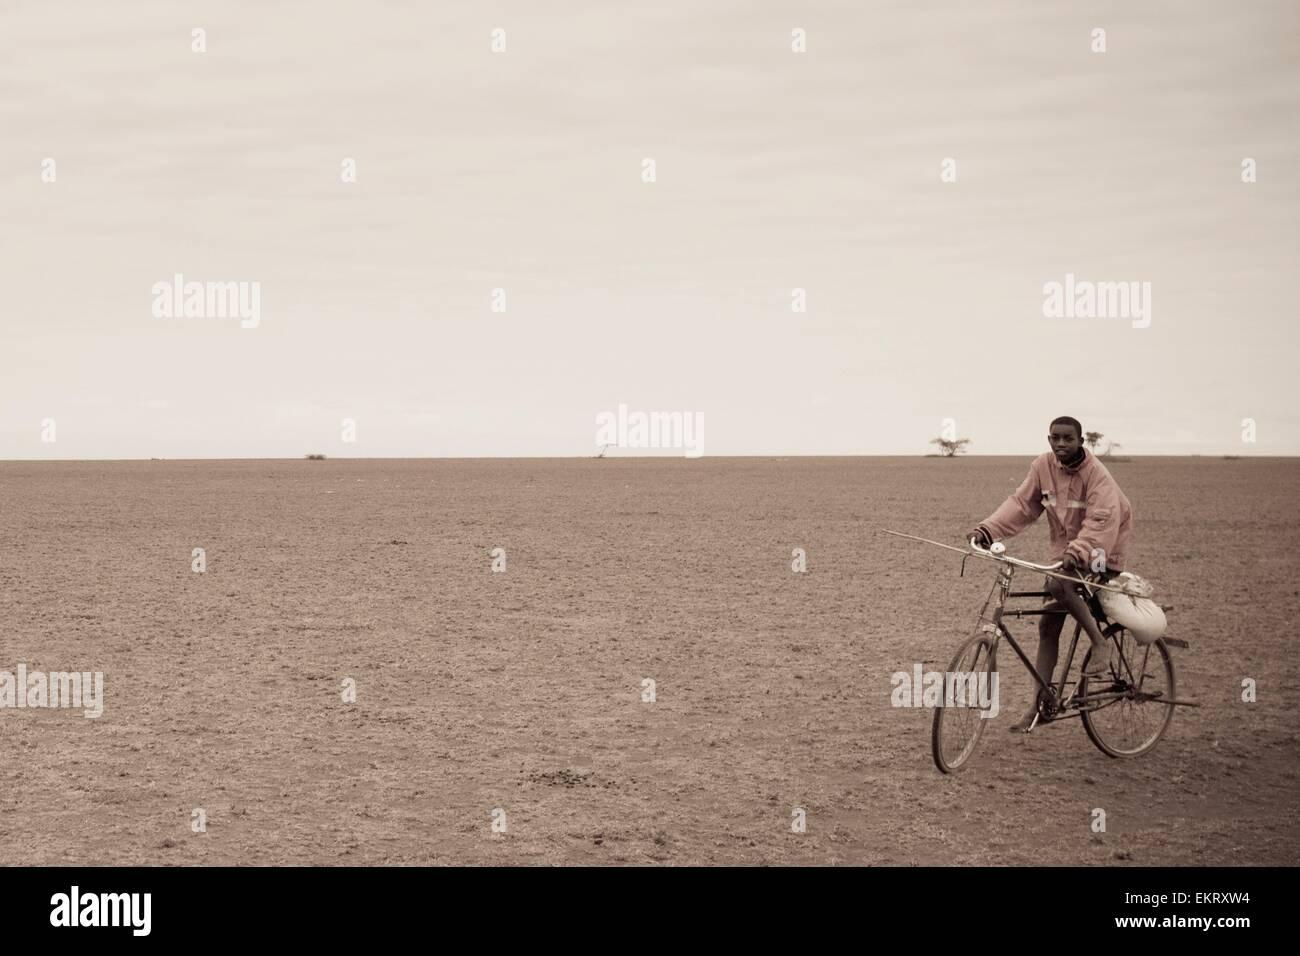 Man Riding A Bike, Kenya, Africa - Stock Image